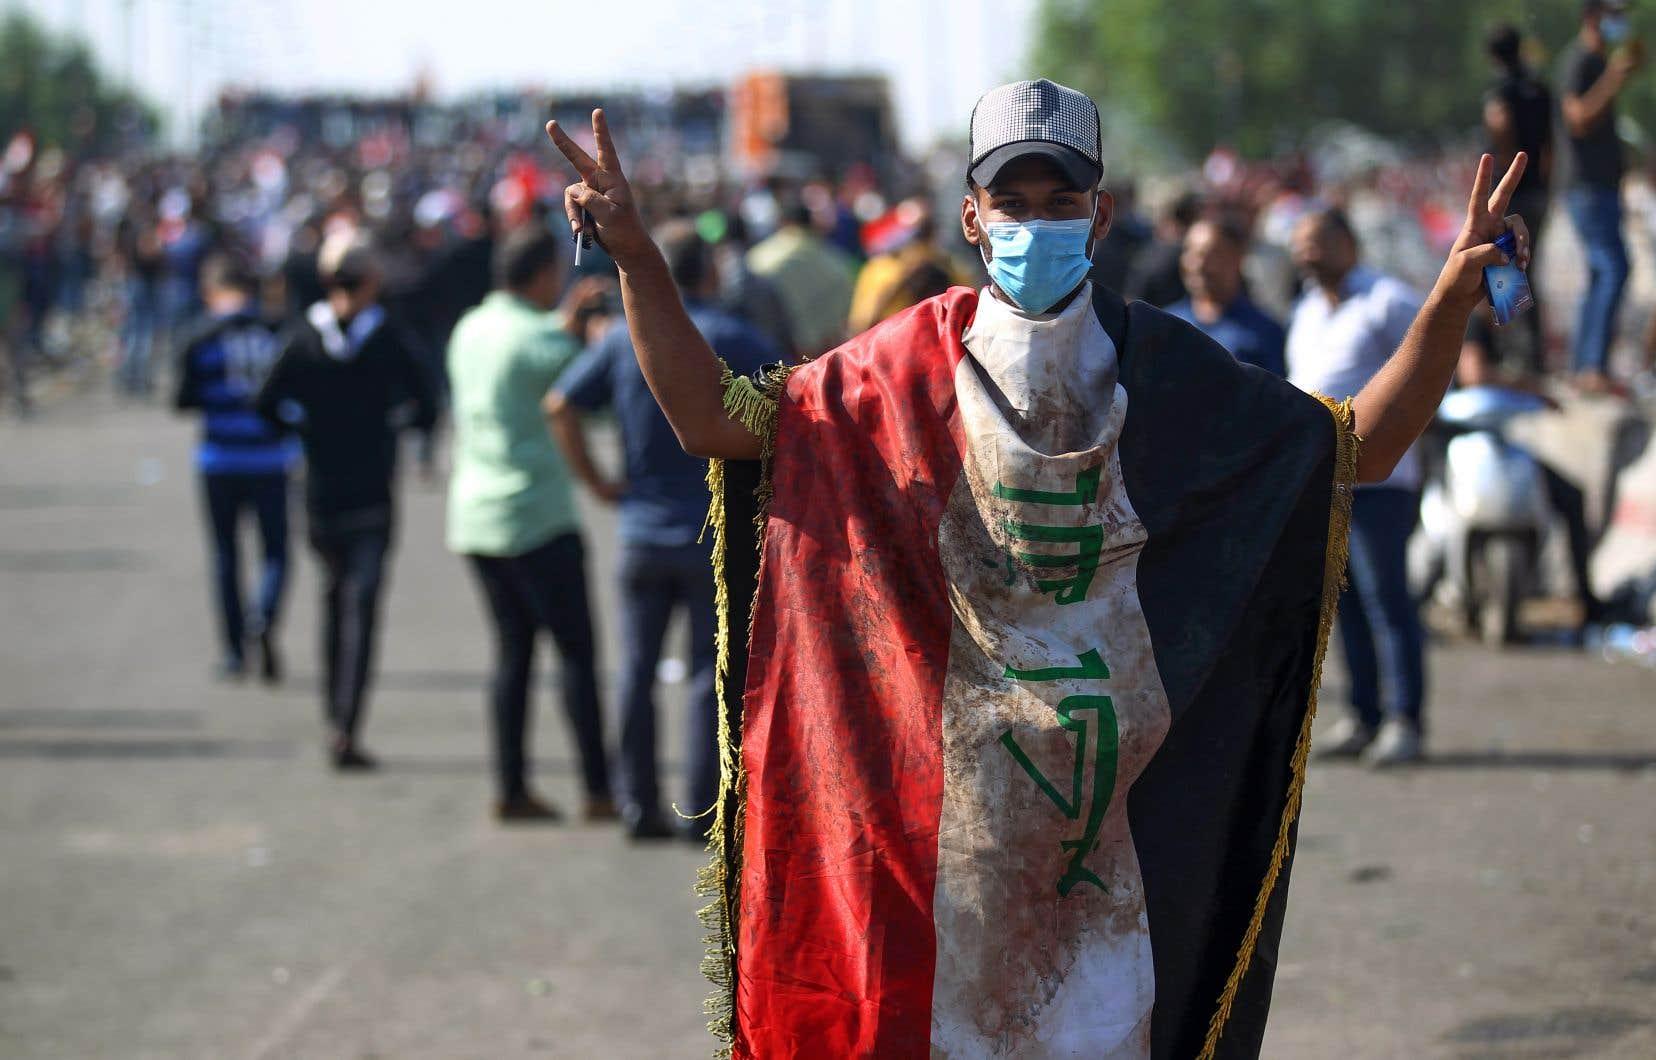 Un manifestant, entouré du drapeau irakien, fait le signe de victoire pendant le mouvement de contestation du samedi 26 octobre.